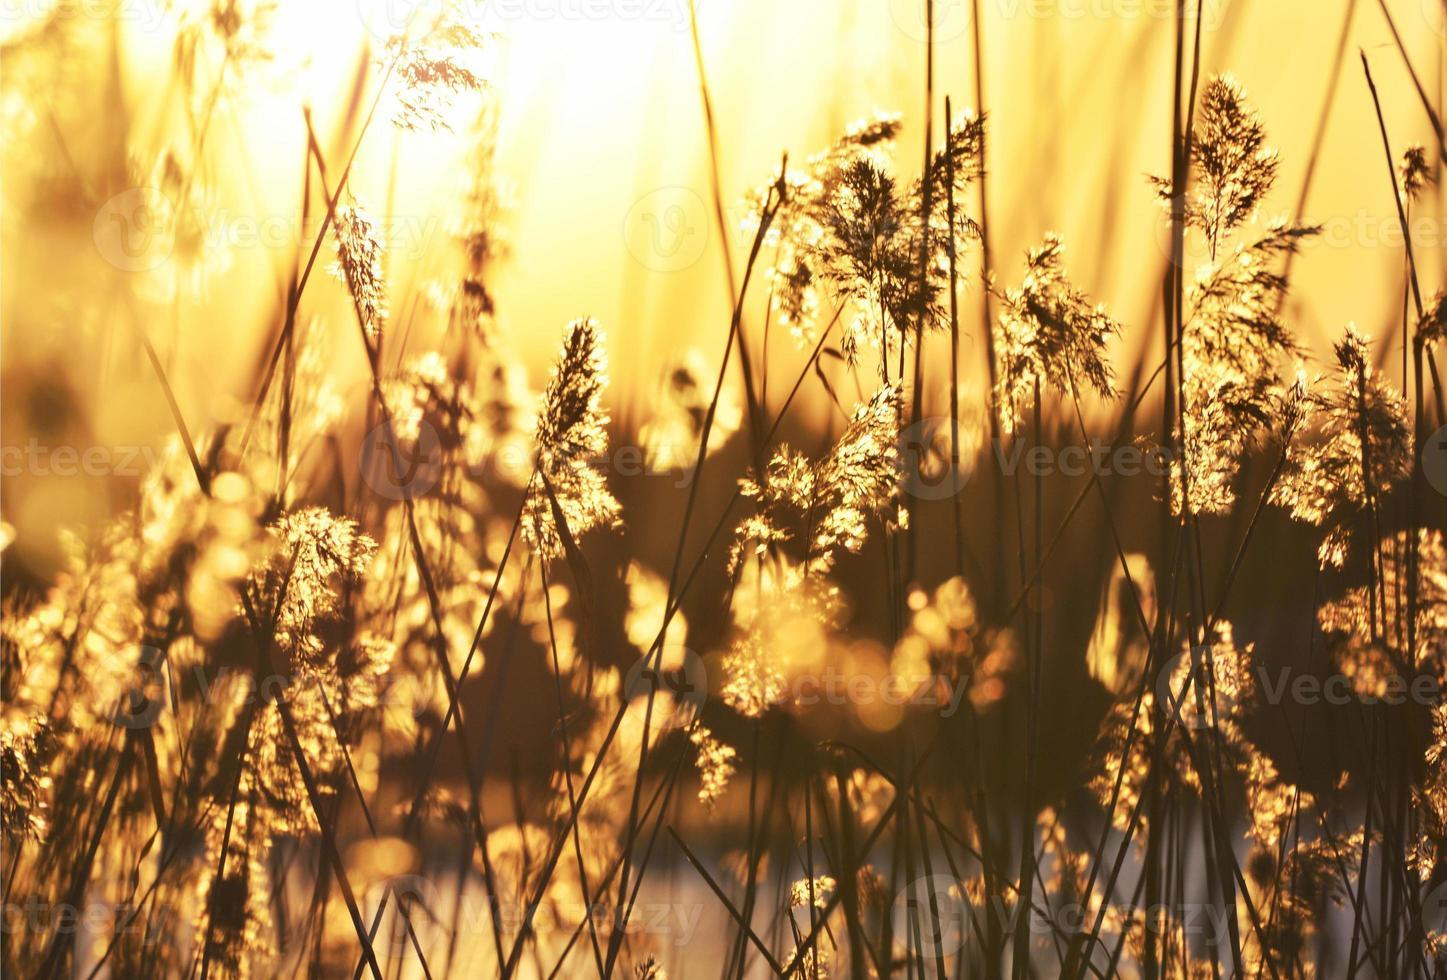 Bulbush in warm sunset light photo